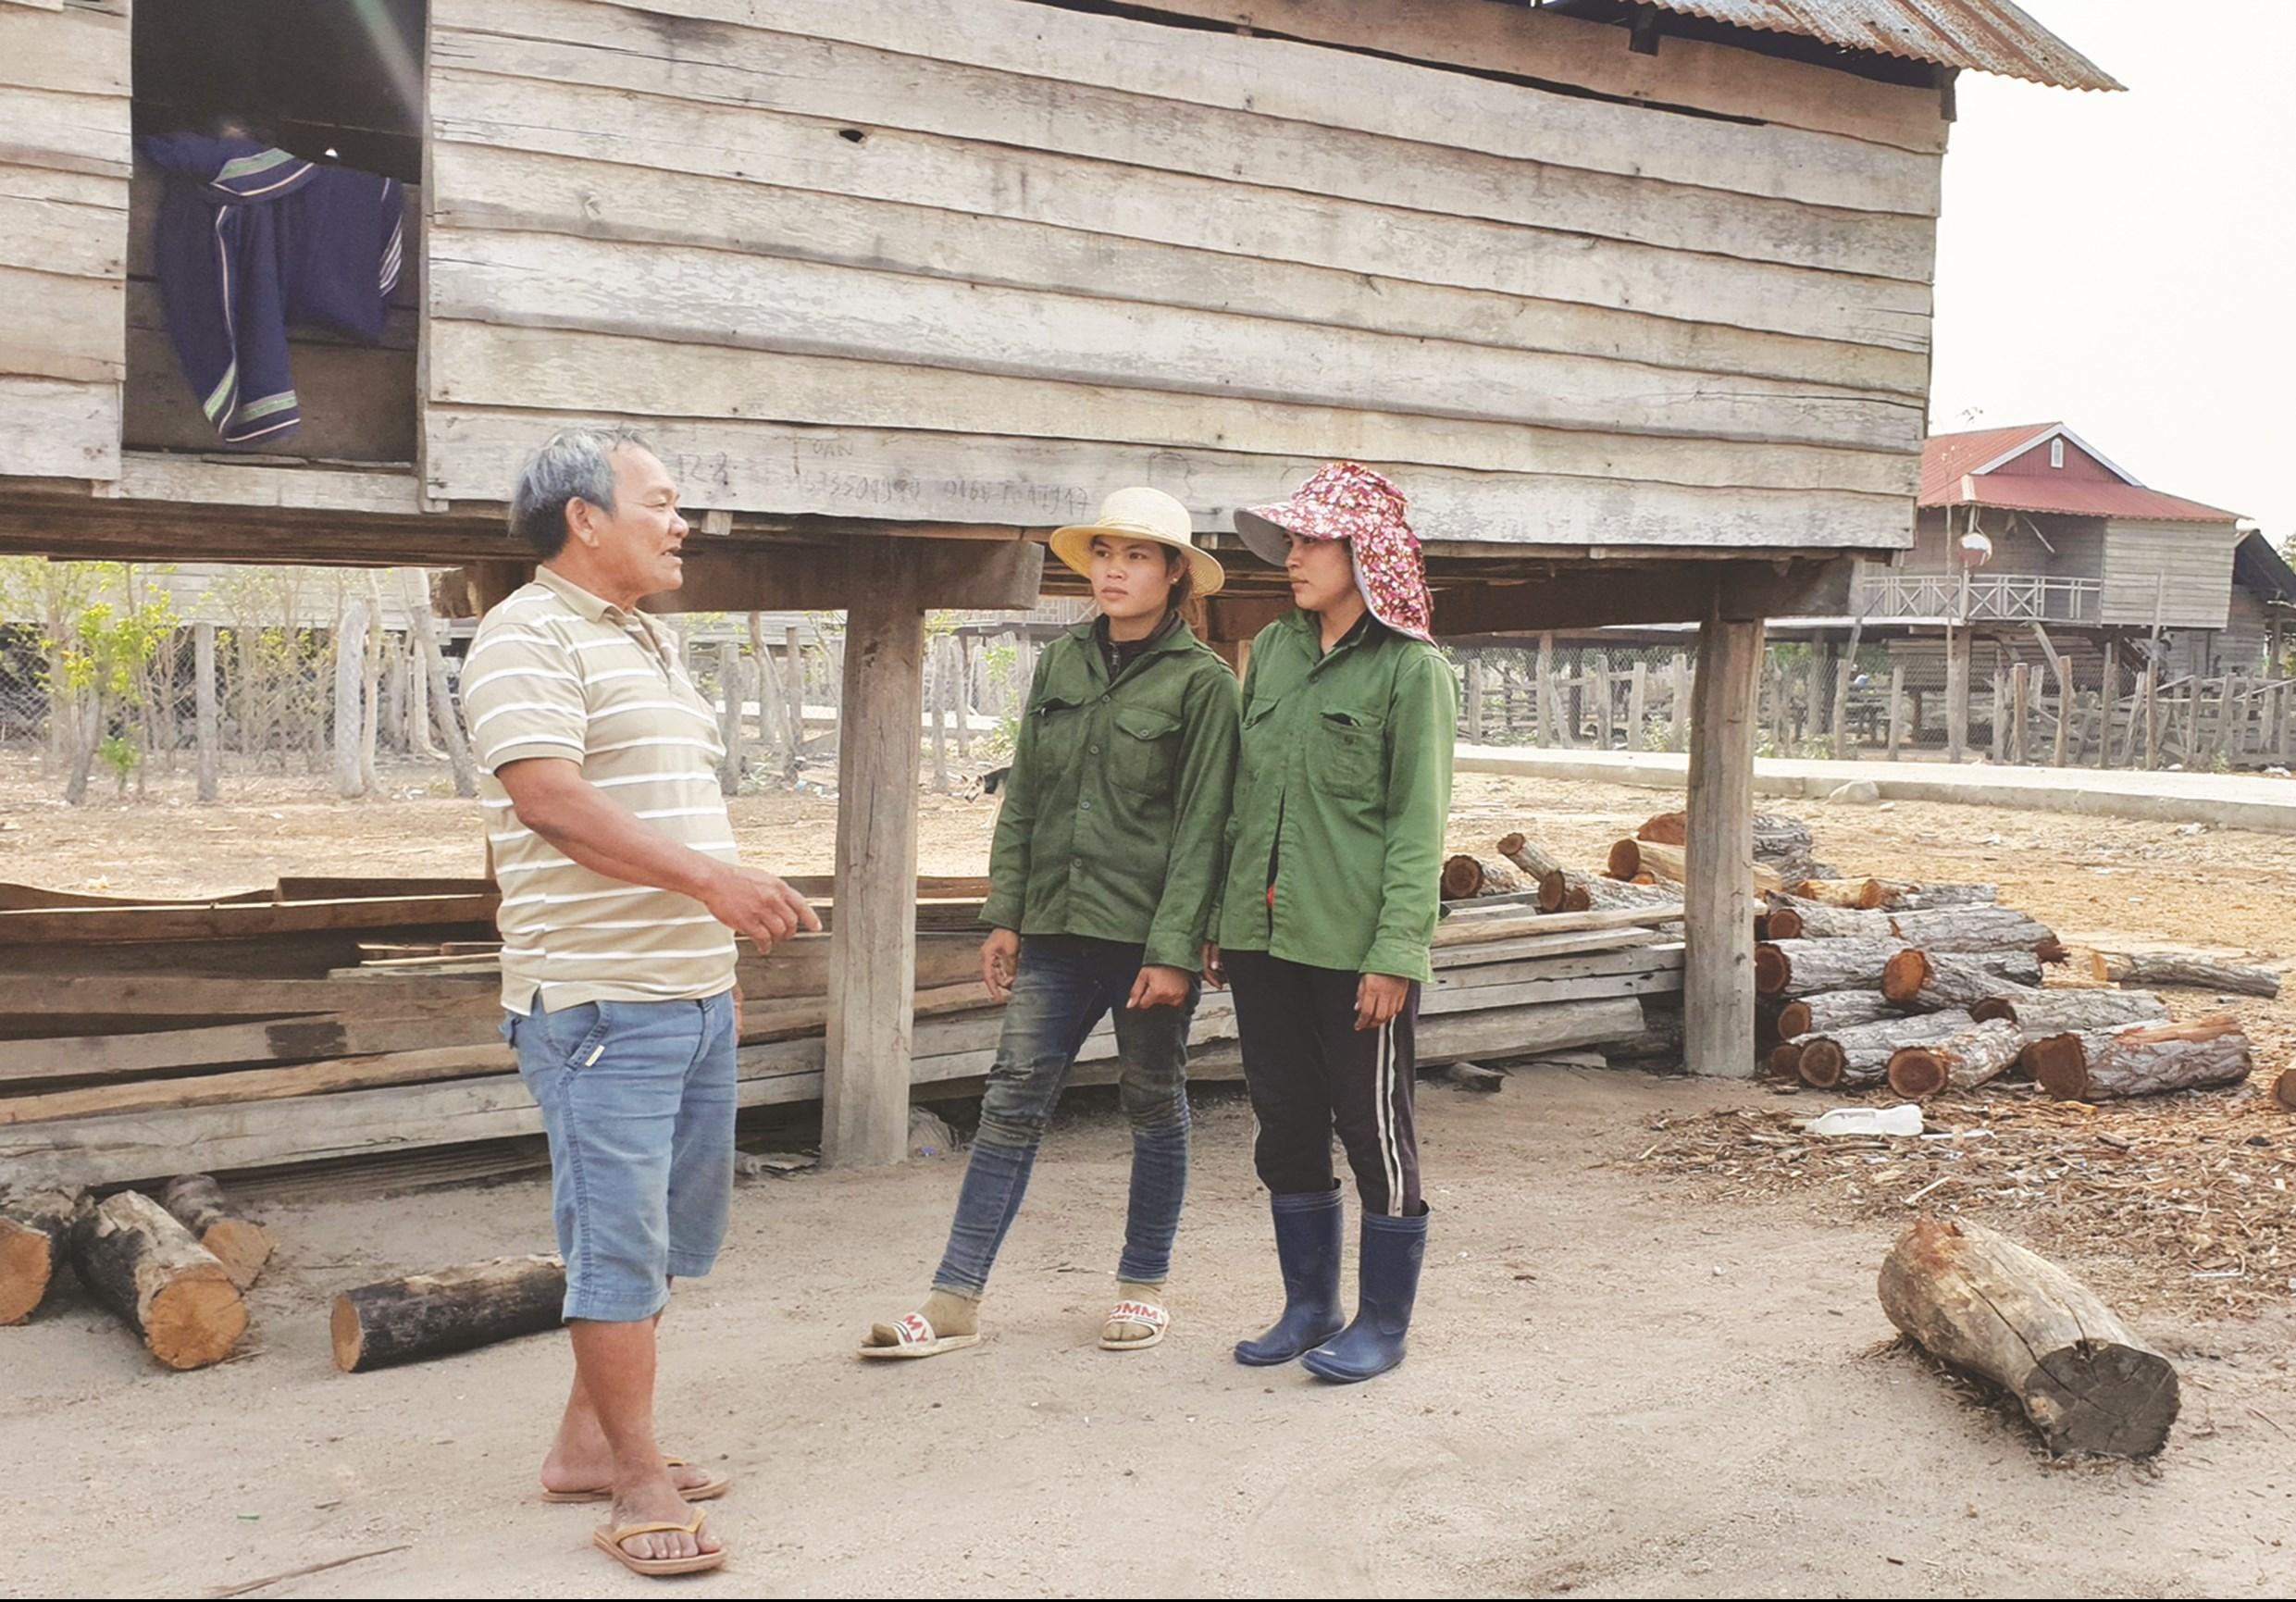 Già làng Đinh Văn Chiêm tích cực tuyên truyền, vận động giúp người dân thay đổi nếp nghĩ, cách làm